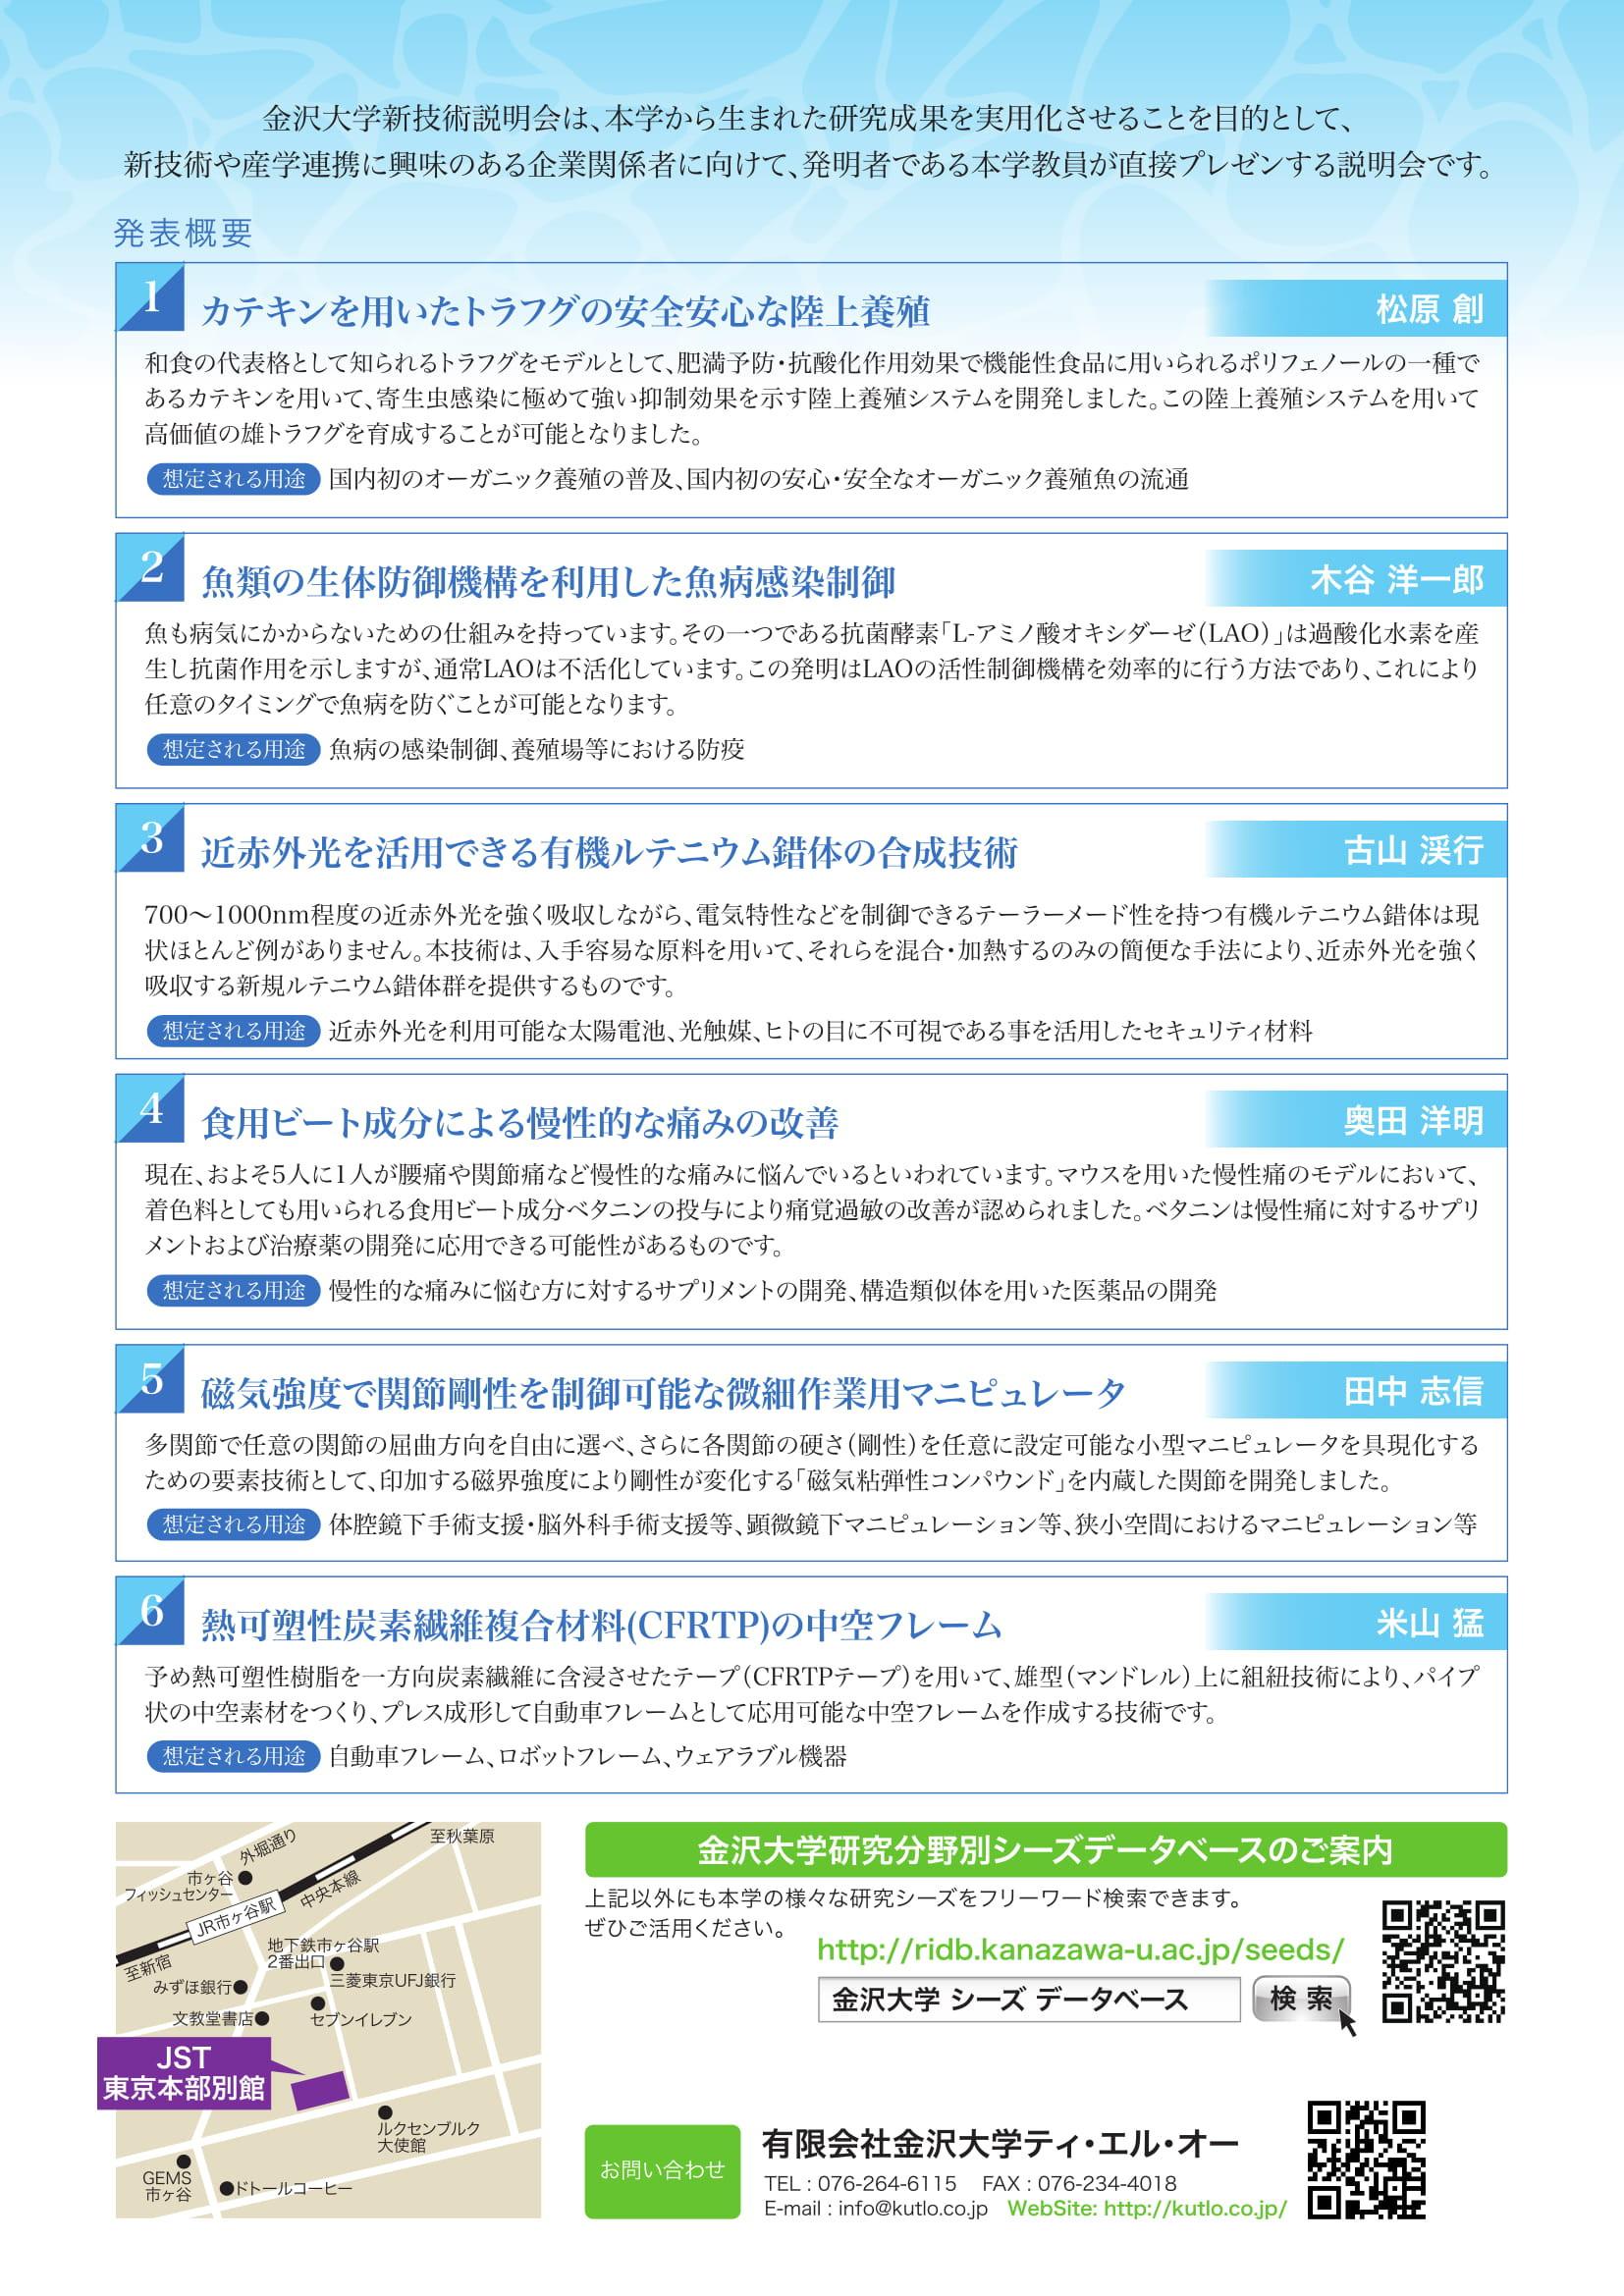 金沢大学新技術説明会2019_リーフレット-2.jpg